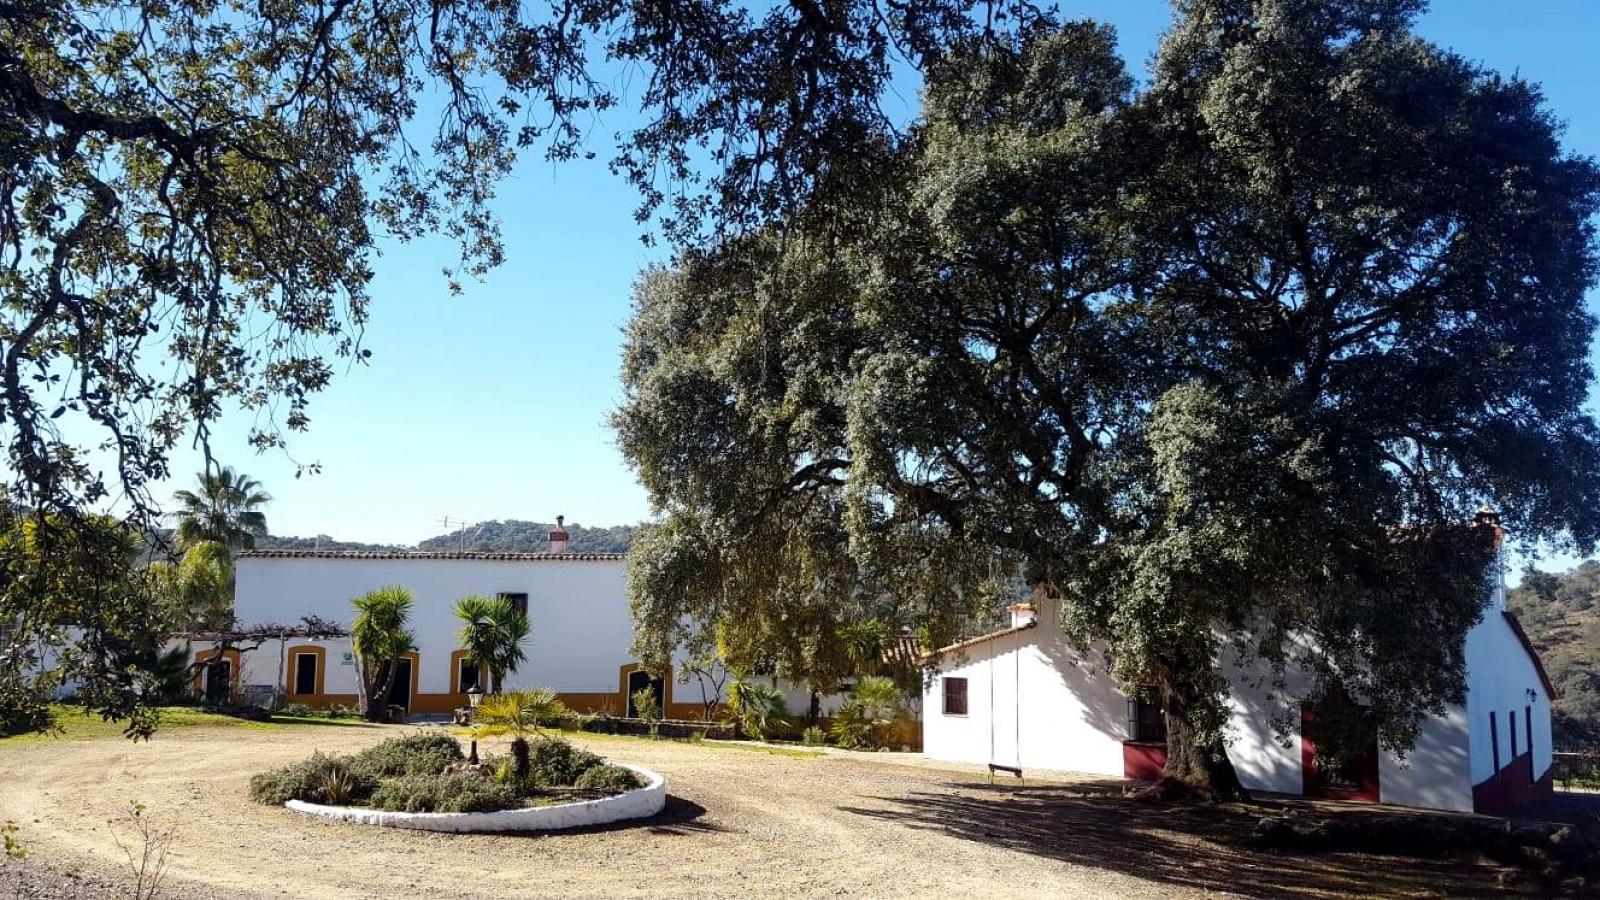 40 Hektar grosse Finca mit aktivem Tourismusbetrieb